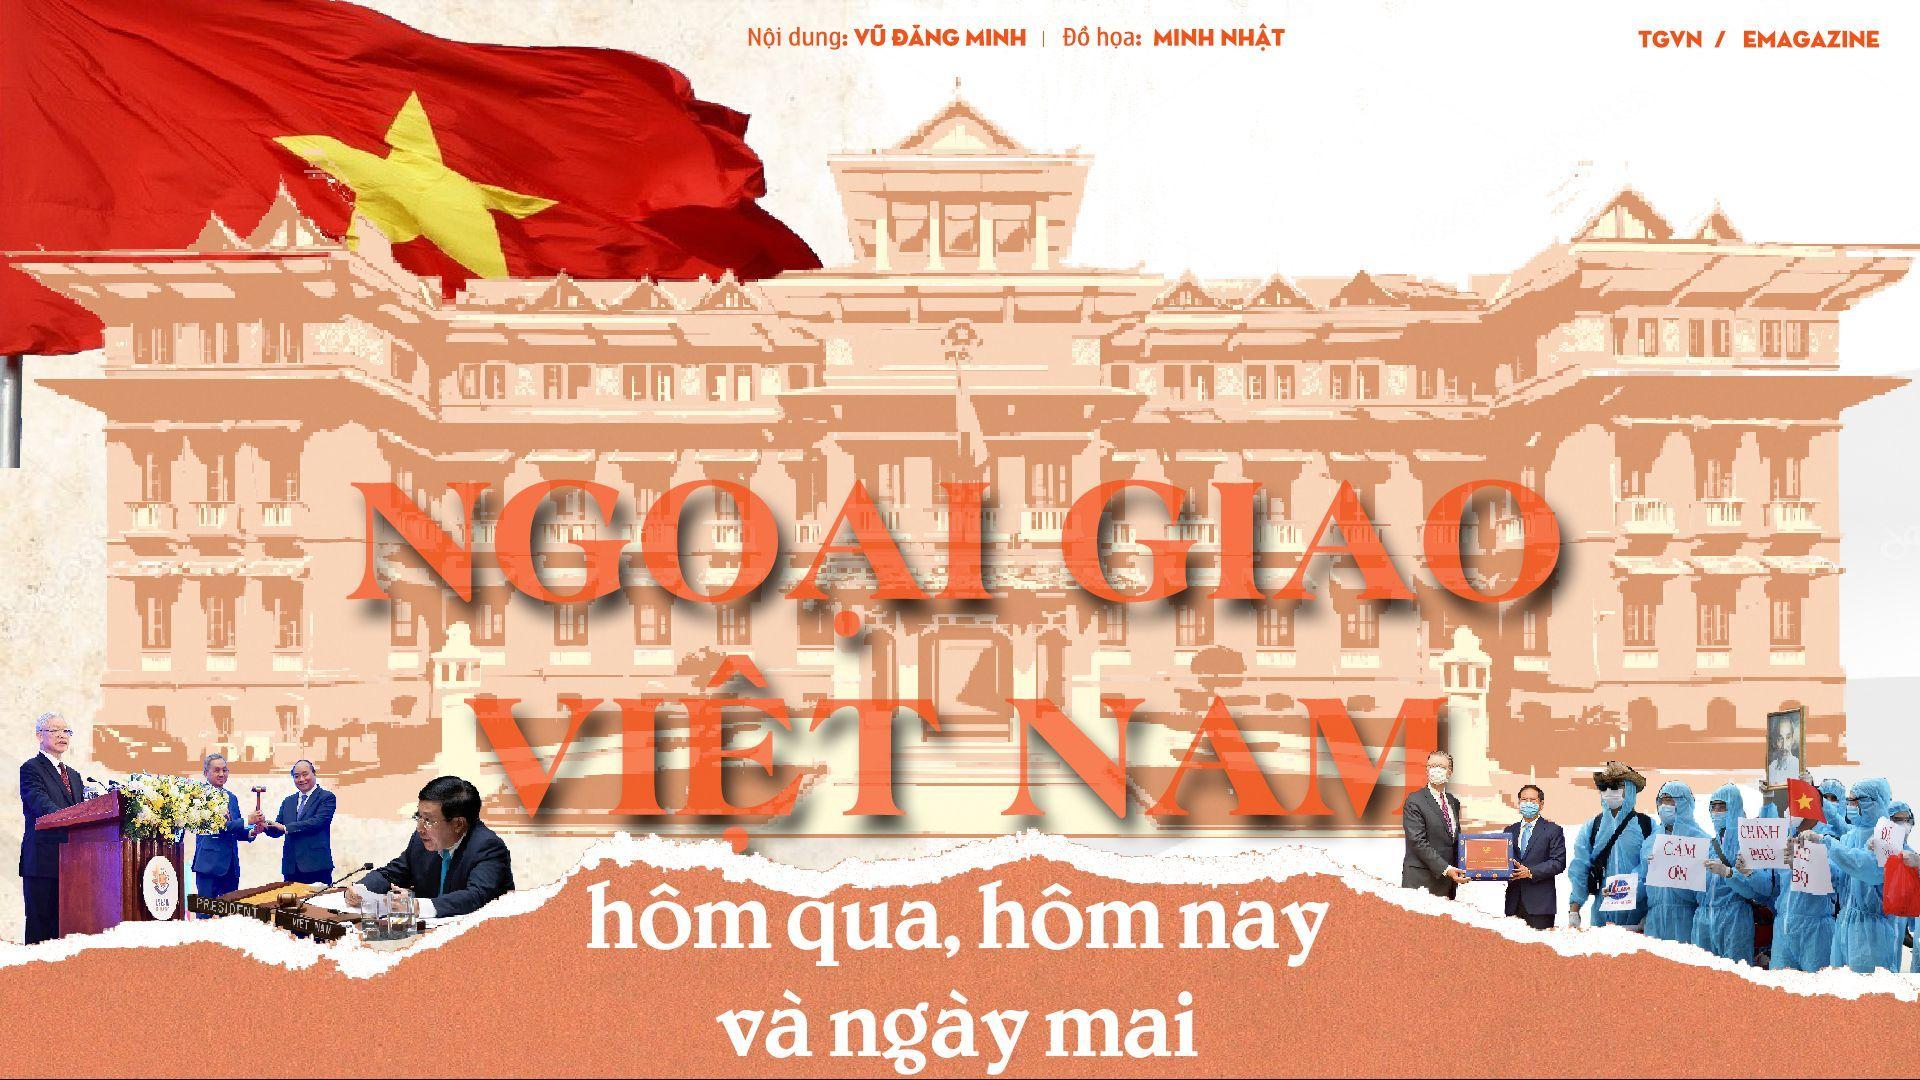 Ngoại giao Việt Nam, hôm qua, hôm nay và ngày mai